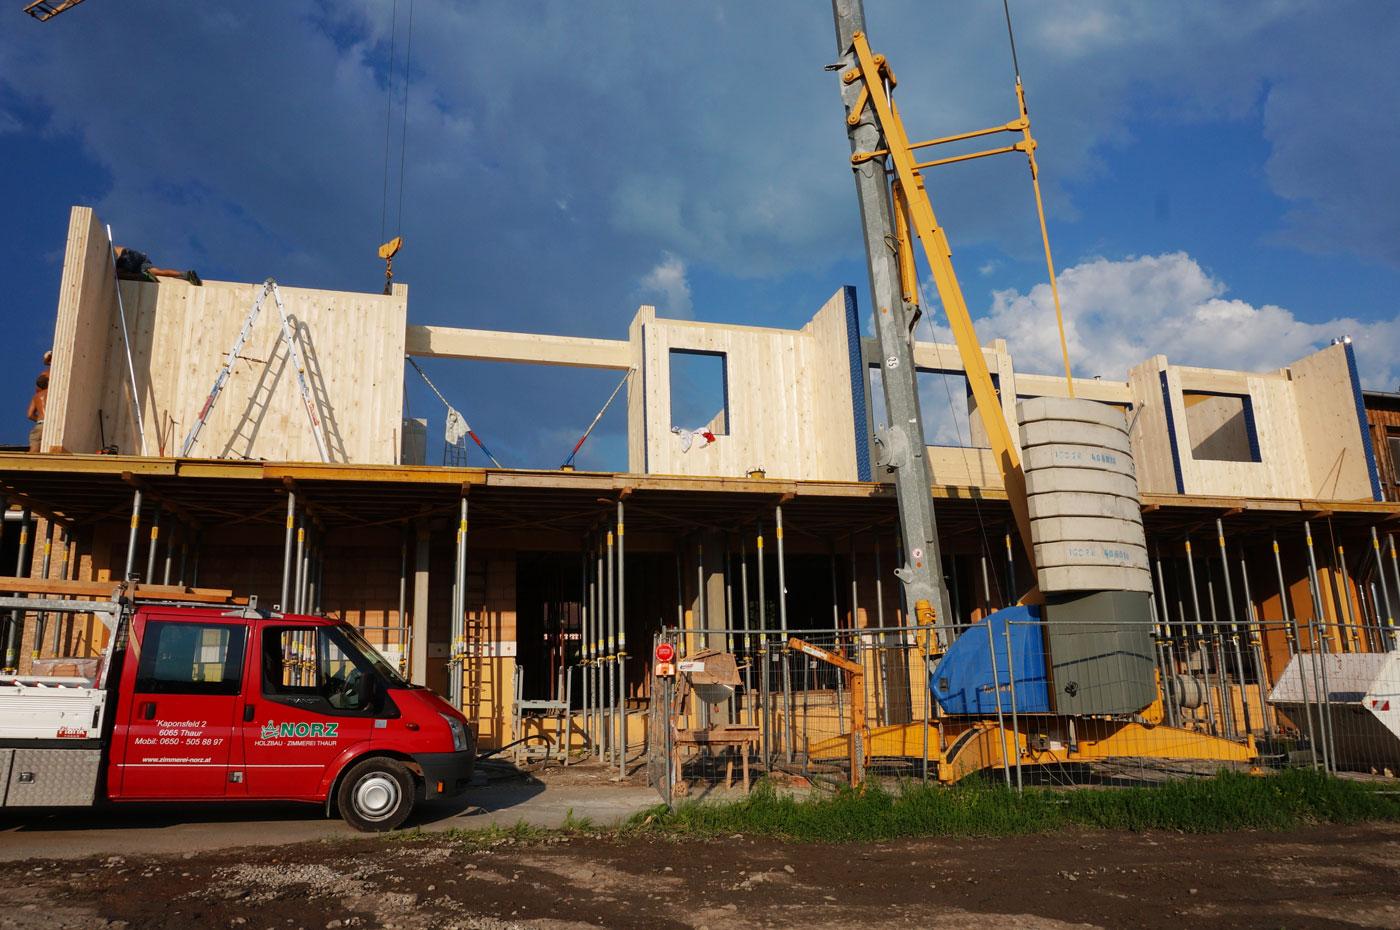 1-Holzbau-Reihenhaus-zimmerei-Norz-thaur-05-2018.jpg